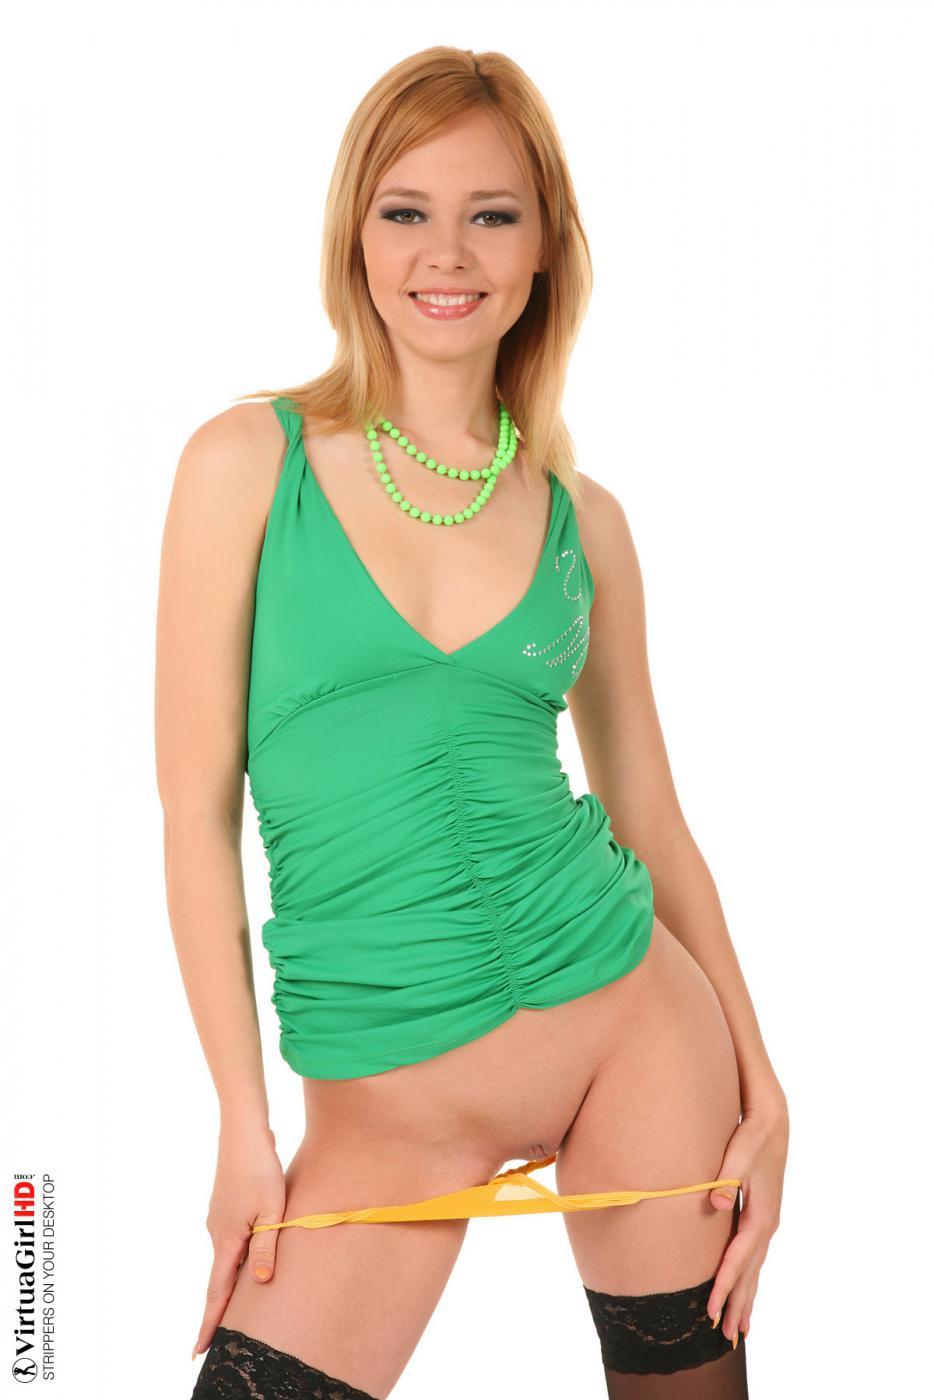 Блондинка Nikita собирается снять платье чтобы показать свою бритую киску